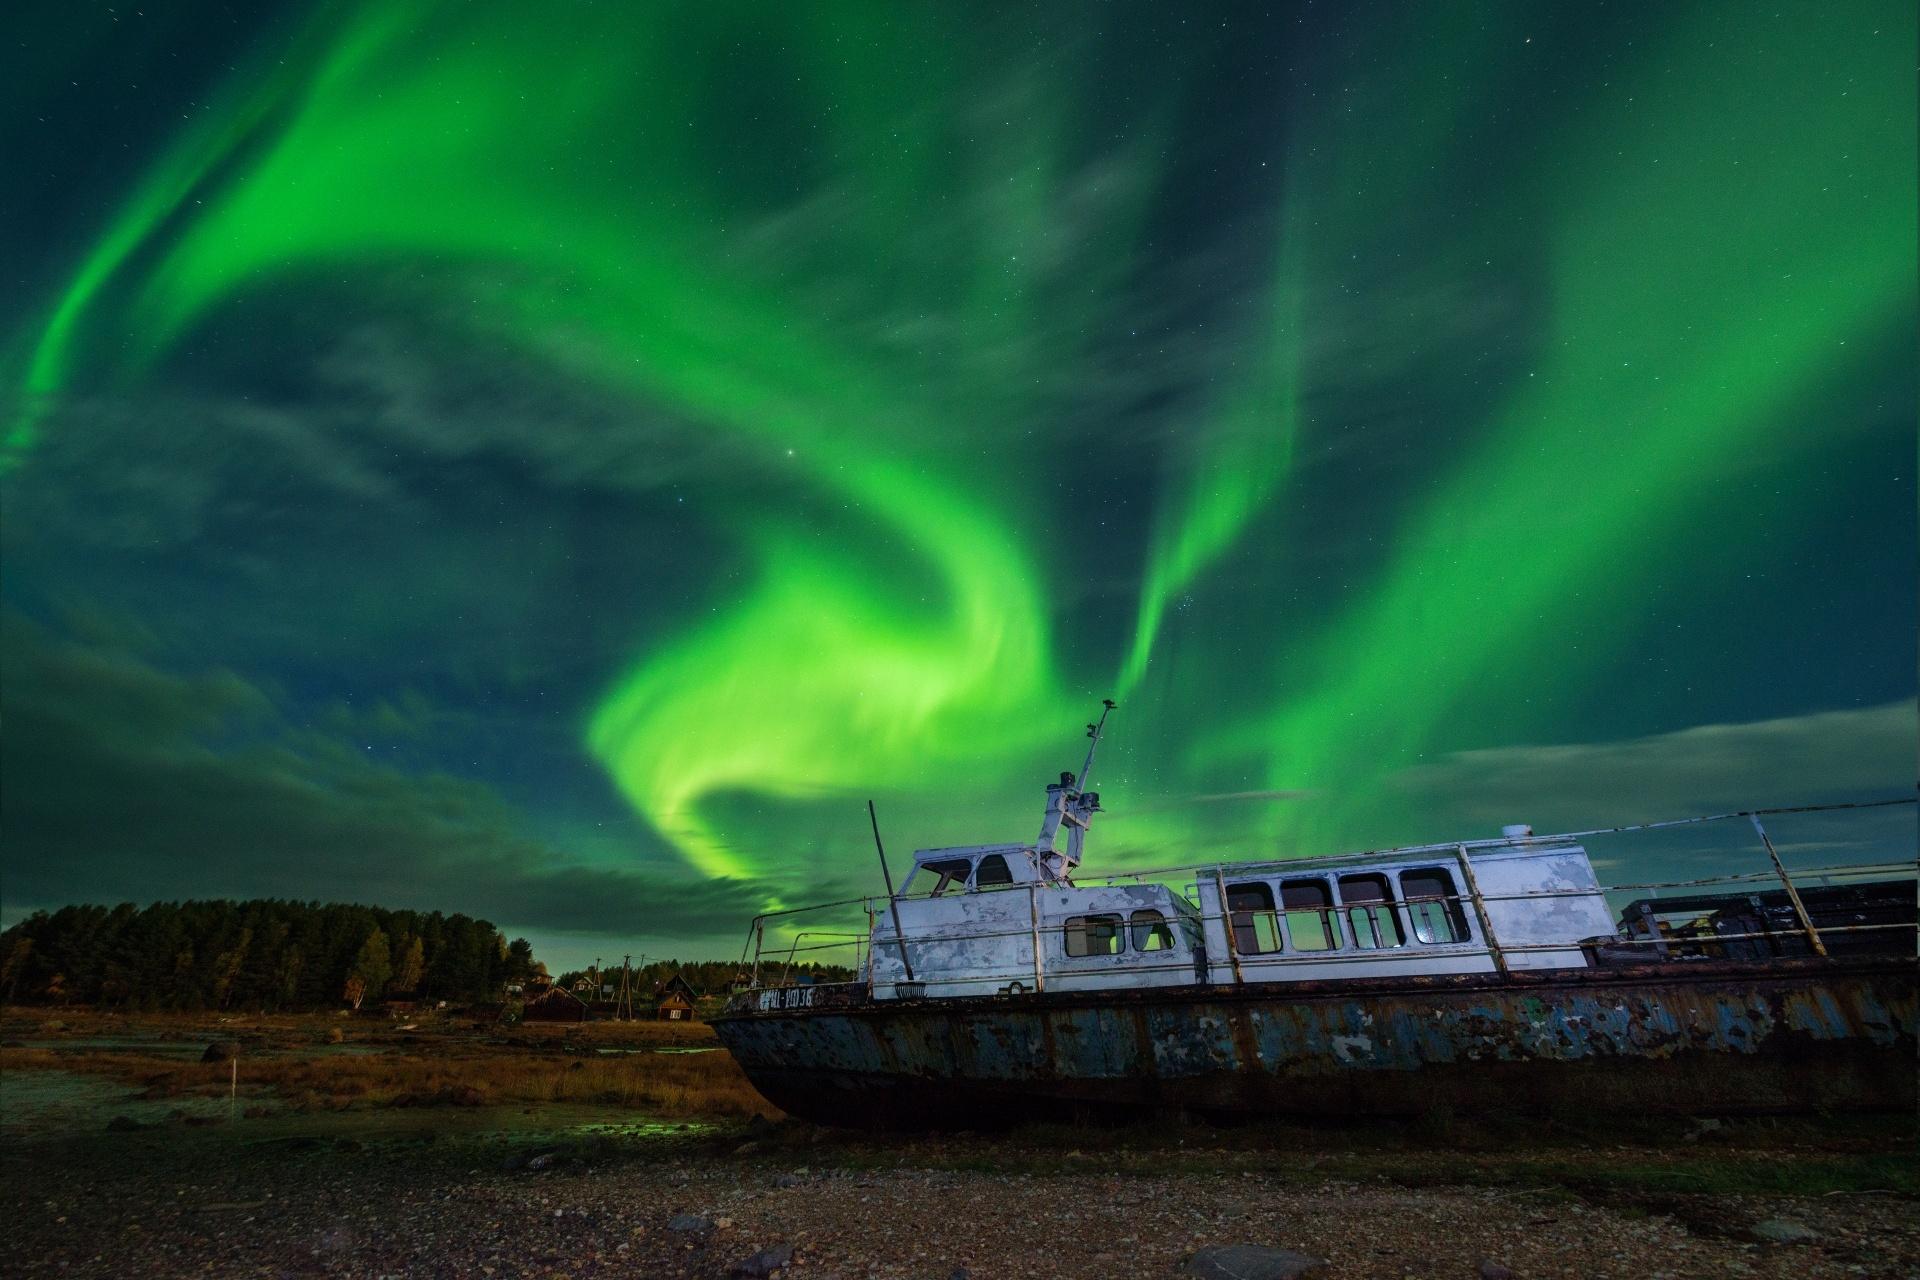 オーロラの風景 カレリア共和国 ロシアの風景